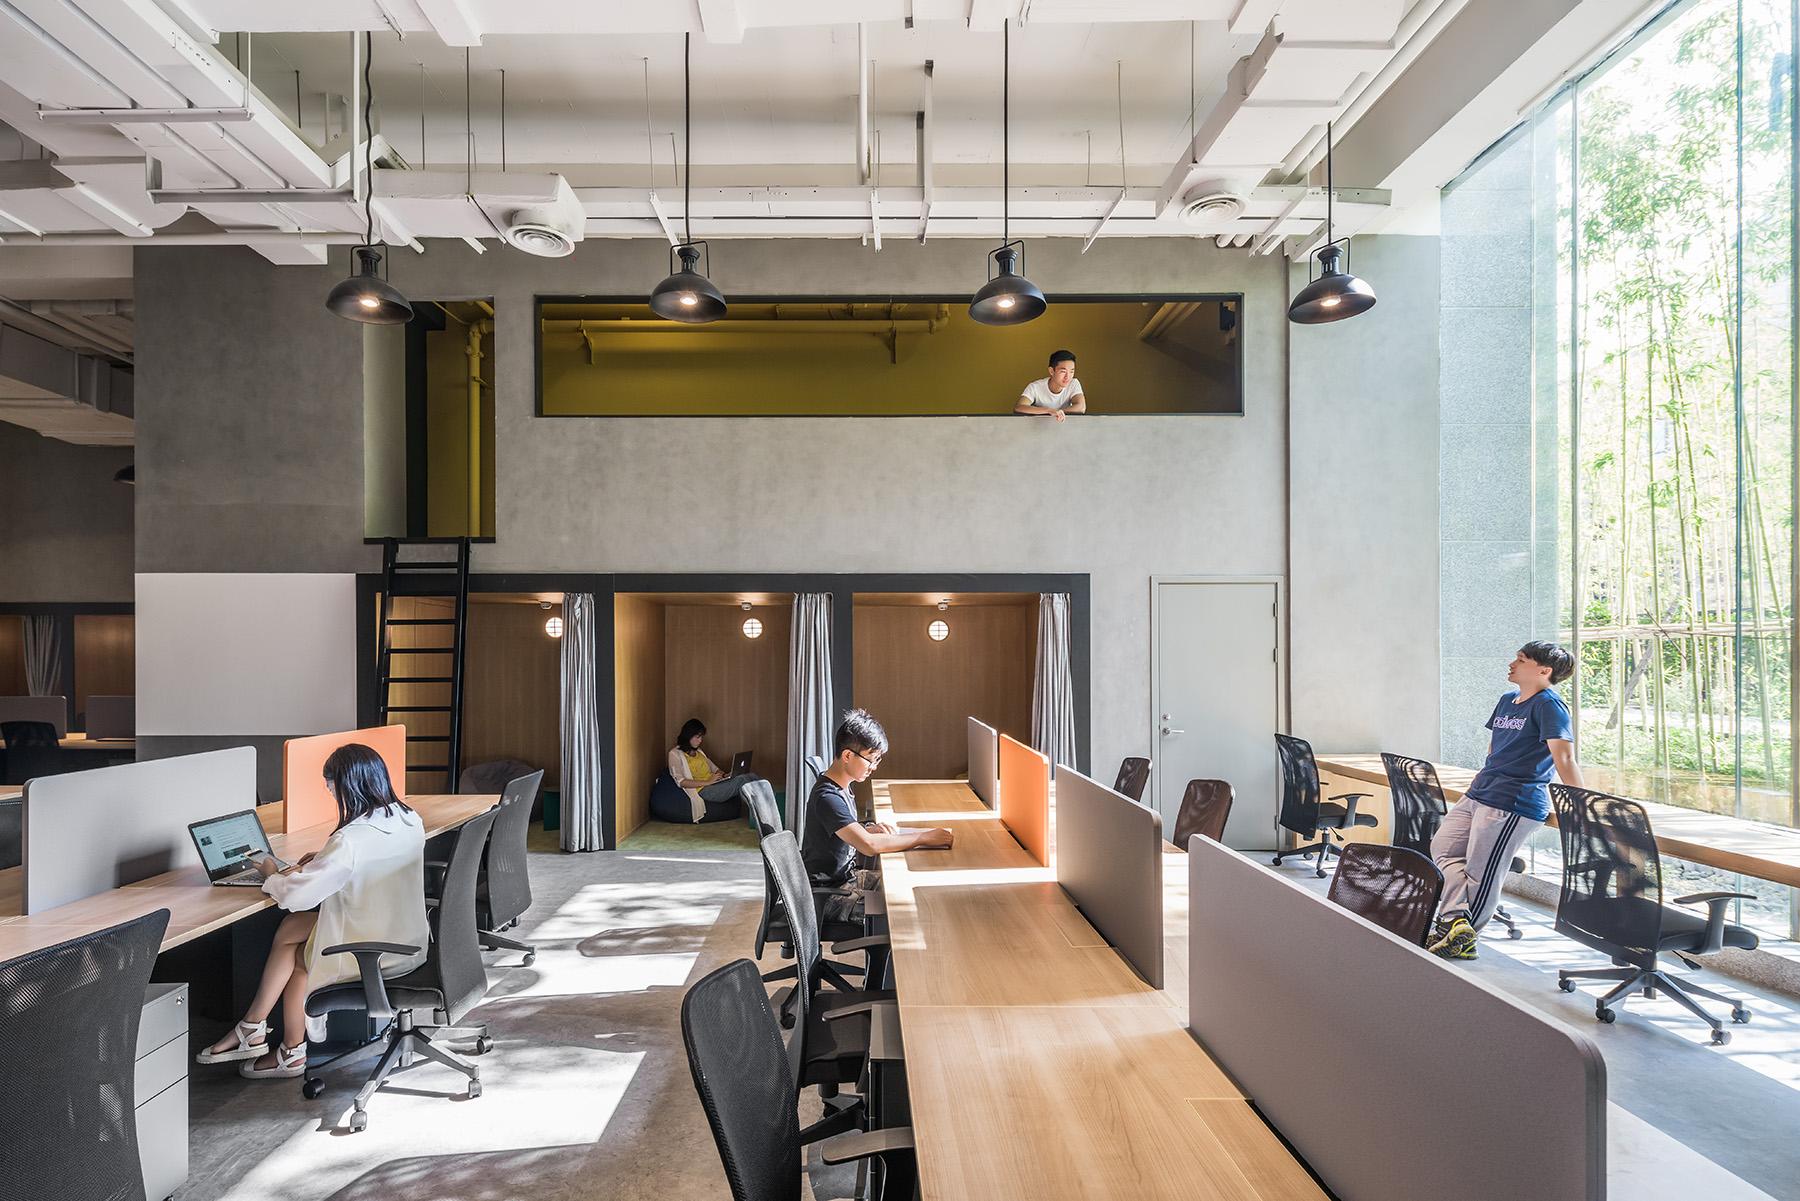 拒绝枯燥乏味!打造全新办公空间,给你家的温暖!|Gensler - 6